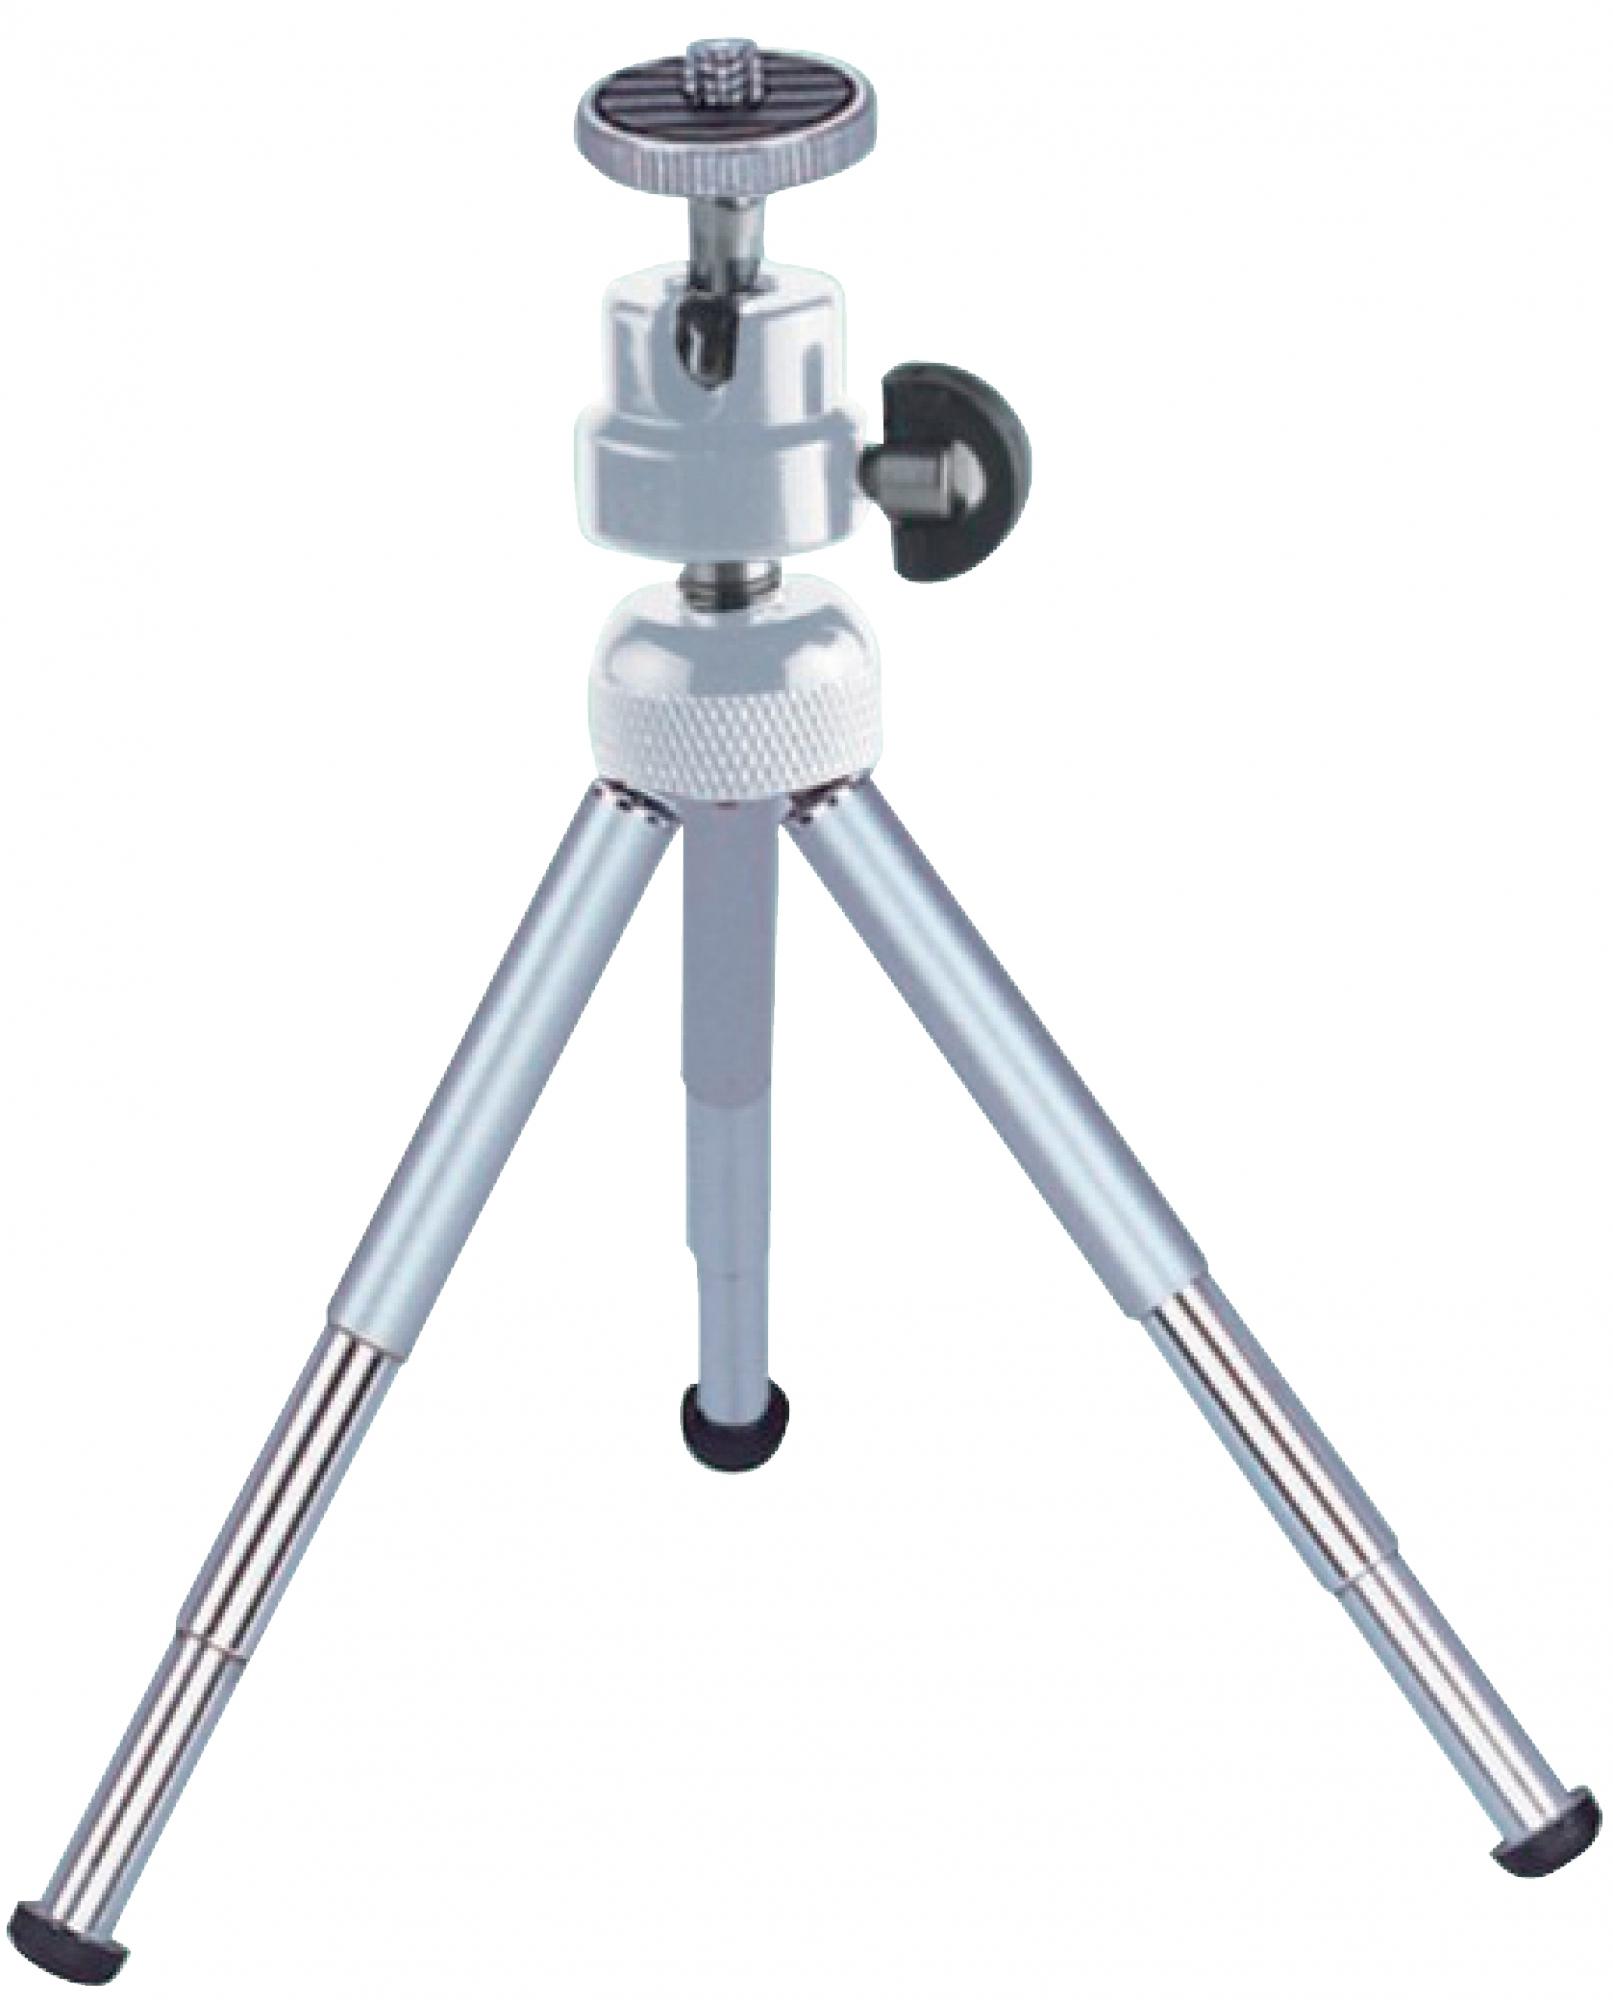 Billede af Mini tre-fod, 27 cm. 0.8 kg. sølv